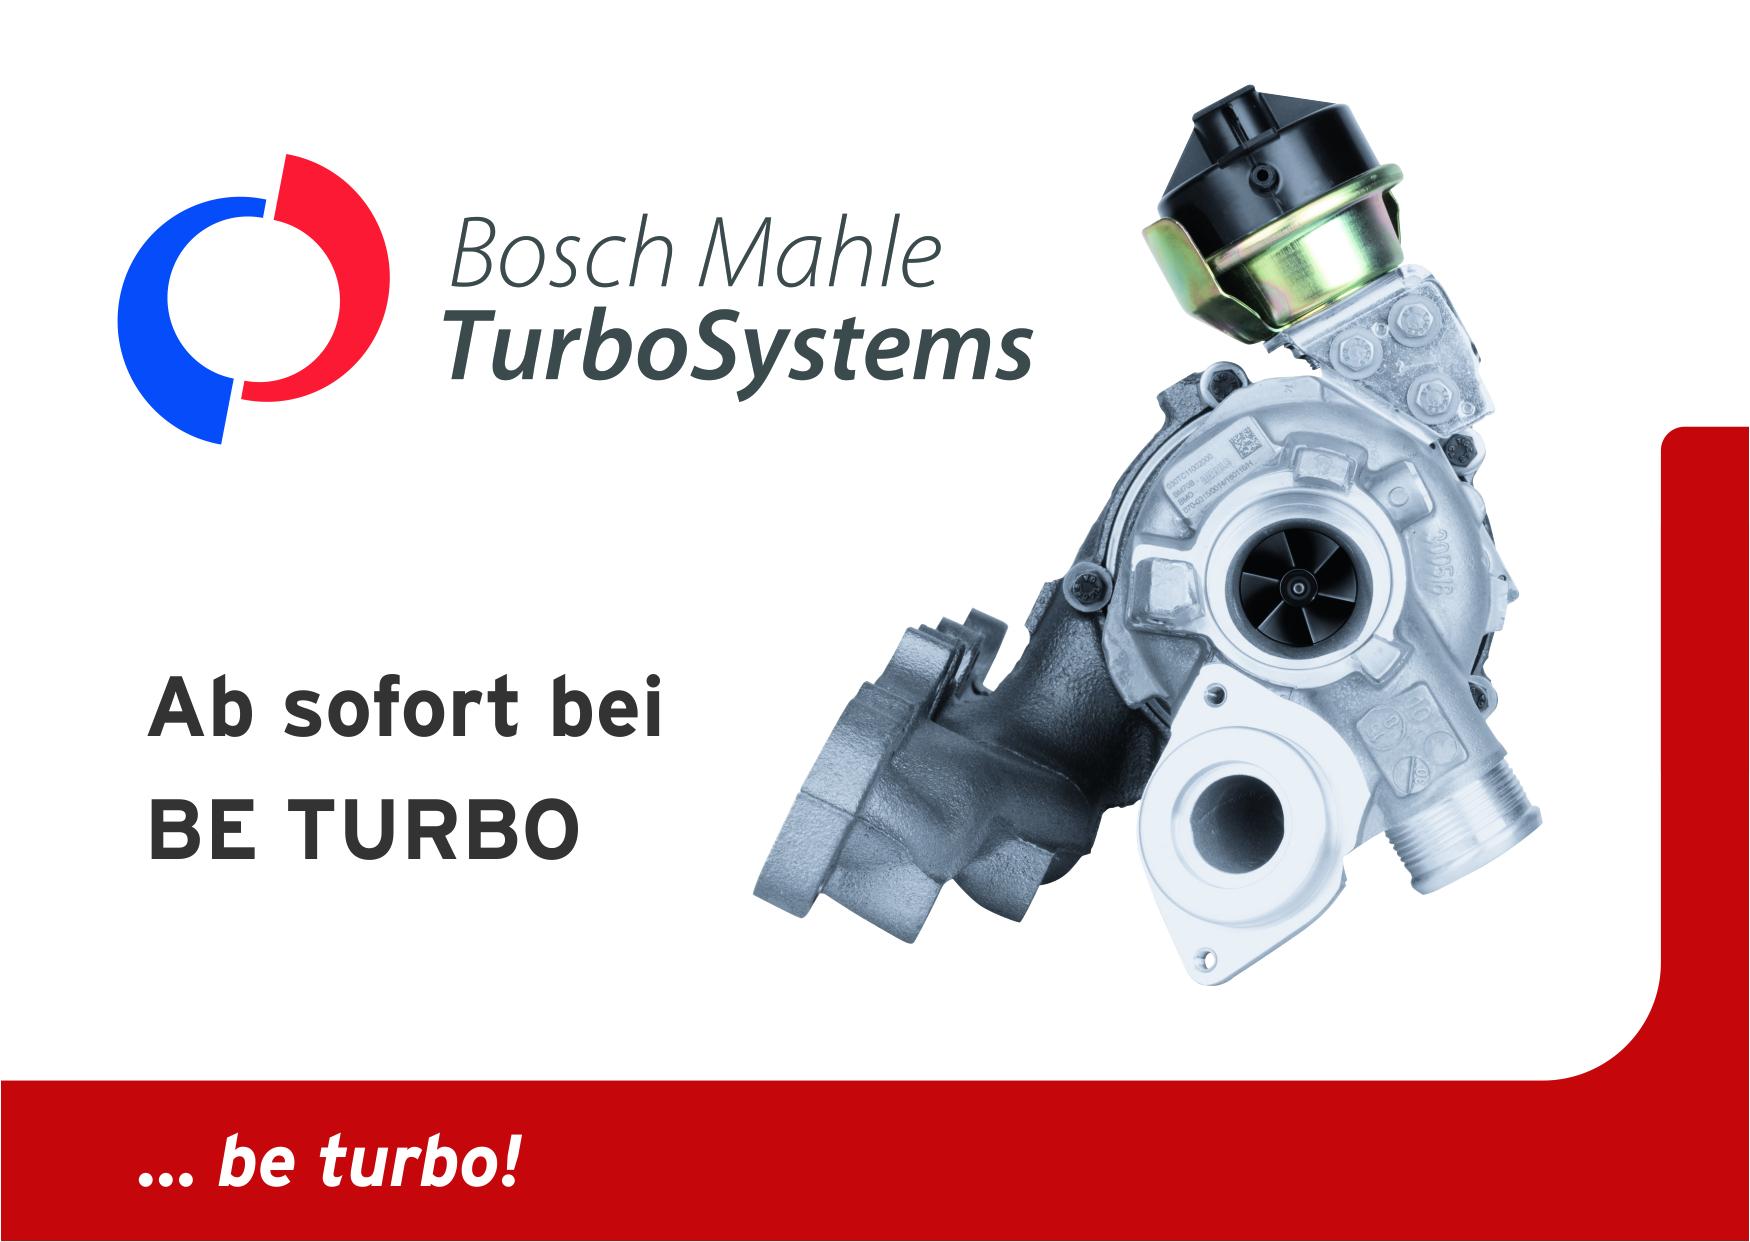 Be Turbo Fhrender Distributor Der Turbolader Original Hersteller Cat Turbocharger Diagram Of Engine Von Bosch Mahle Systems Bei